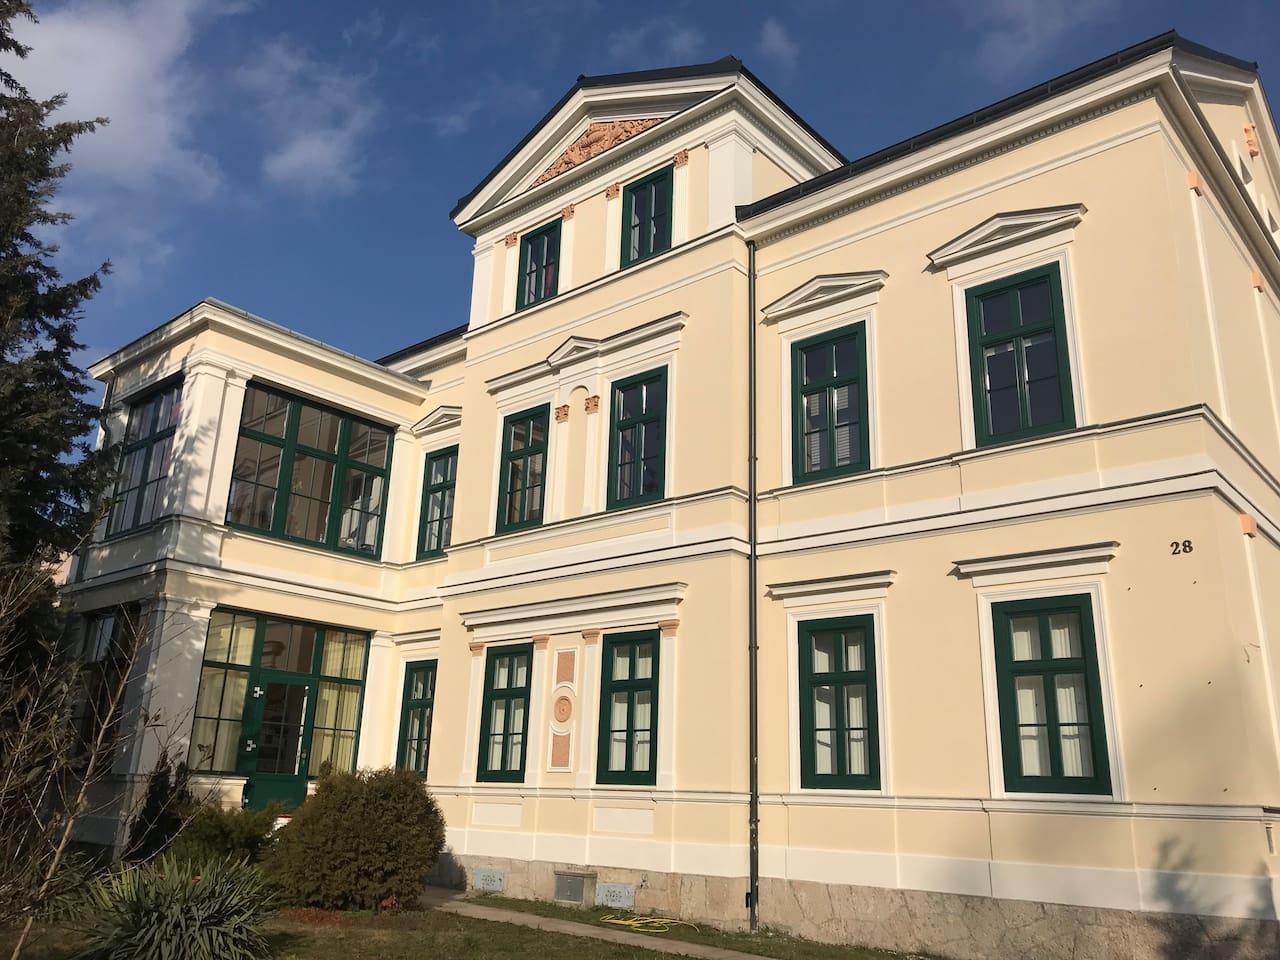 Vorderansicht der Villa. Appartment befindet sich im 1. Geschoss / front view of the villa. Appartment is on the first floor!